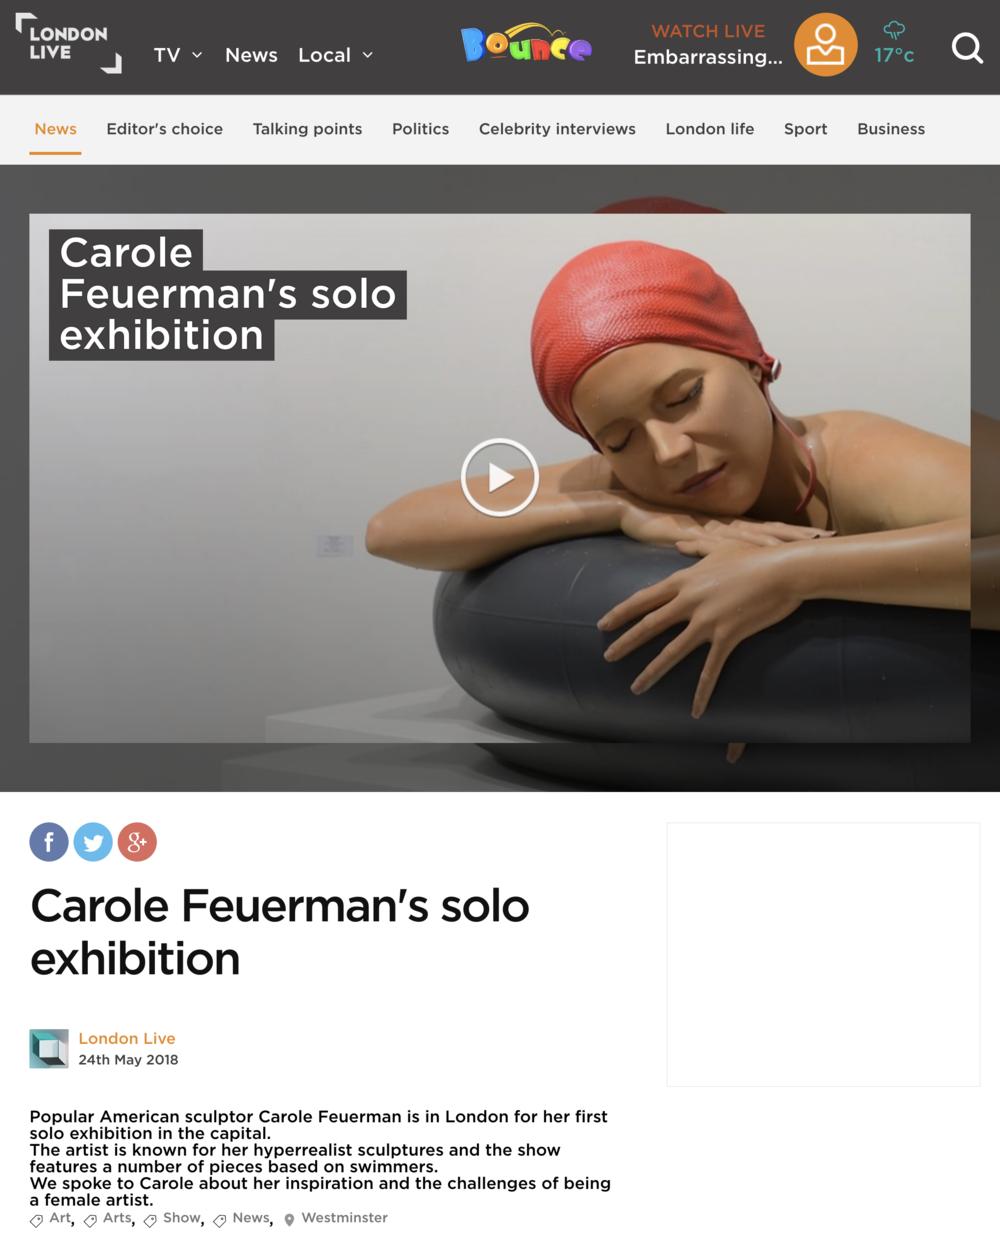 Carole Feuerman's Solo Exhibition